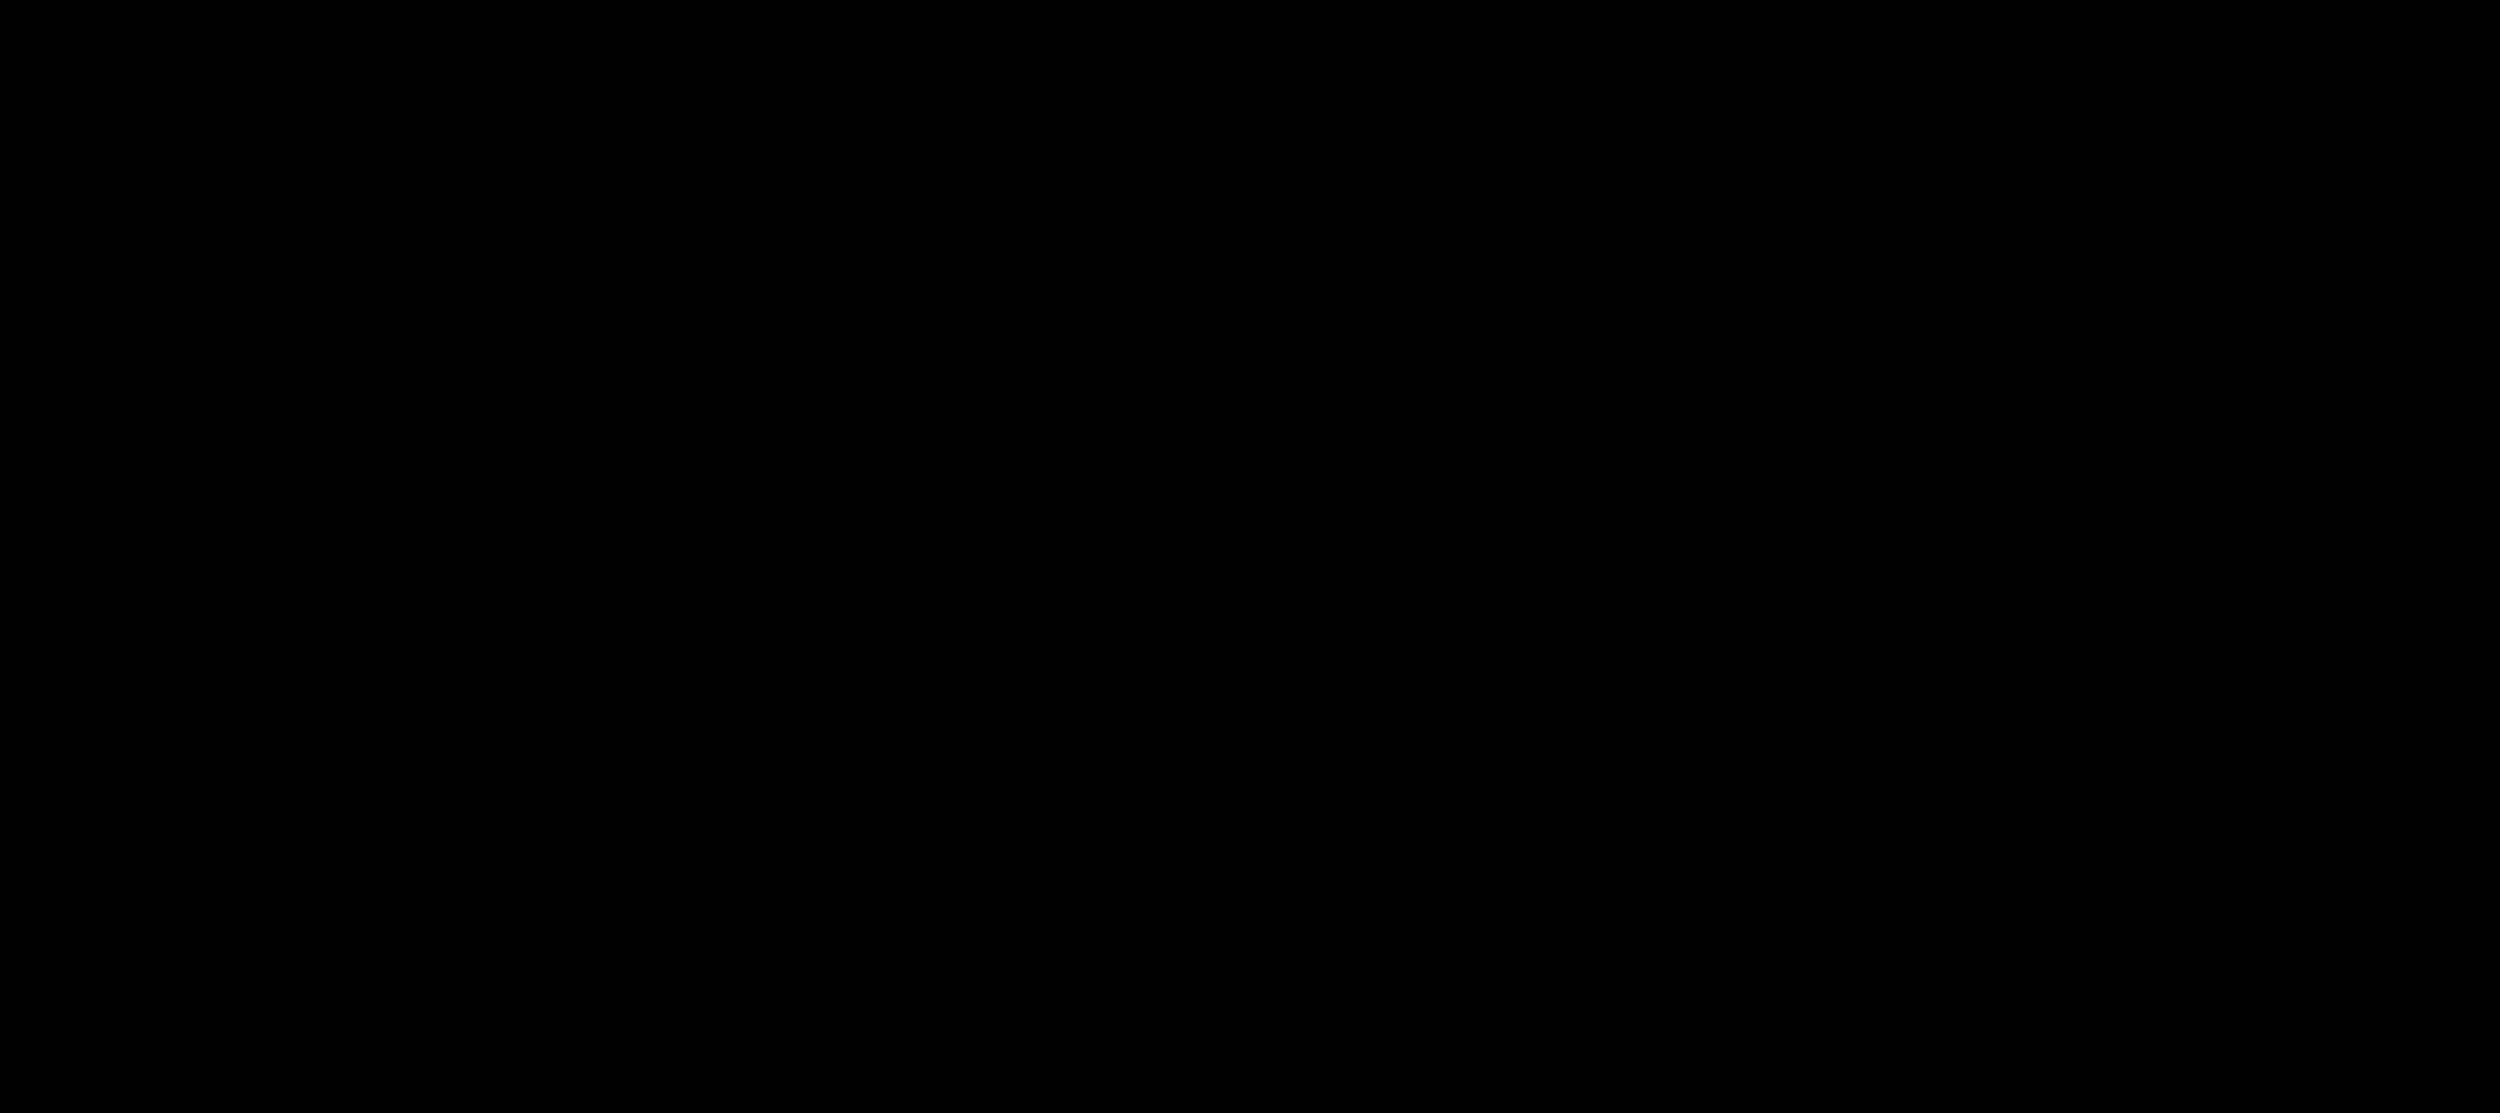 Brunch_logo-01.png